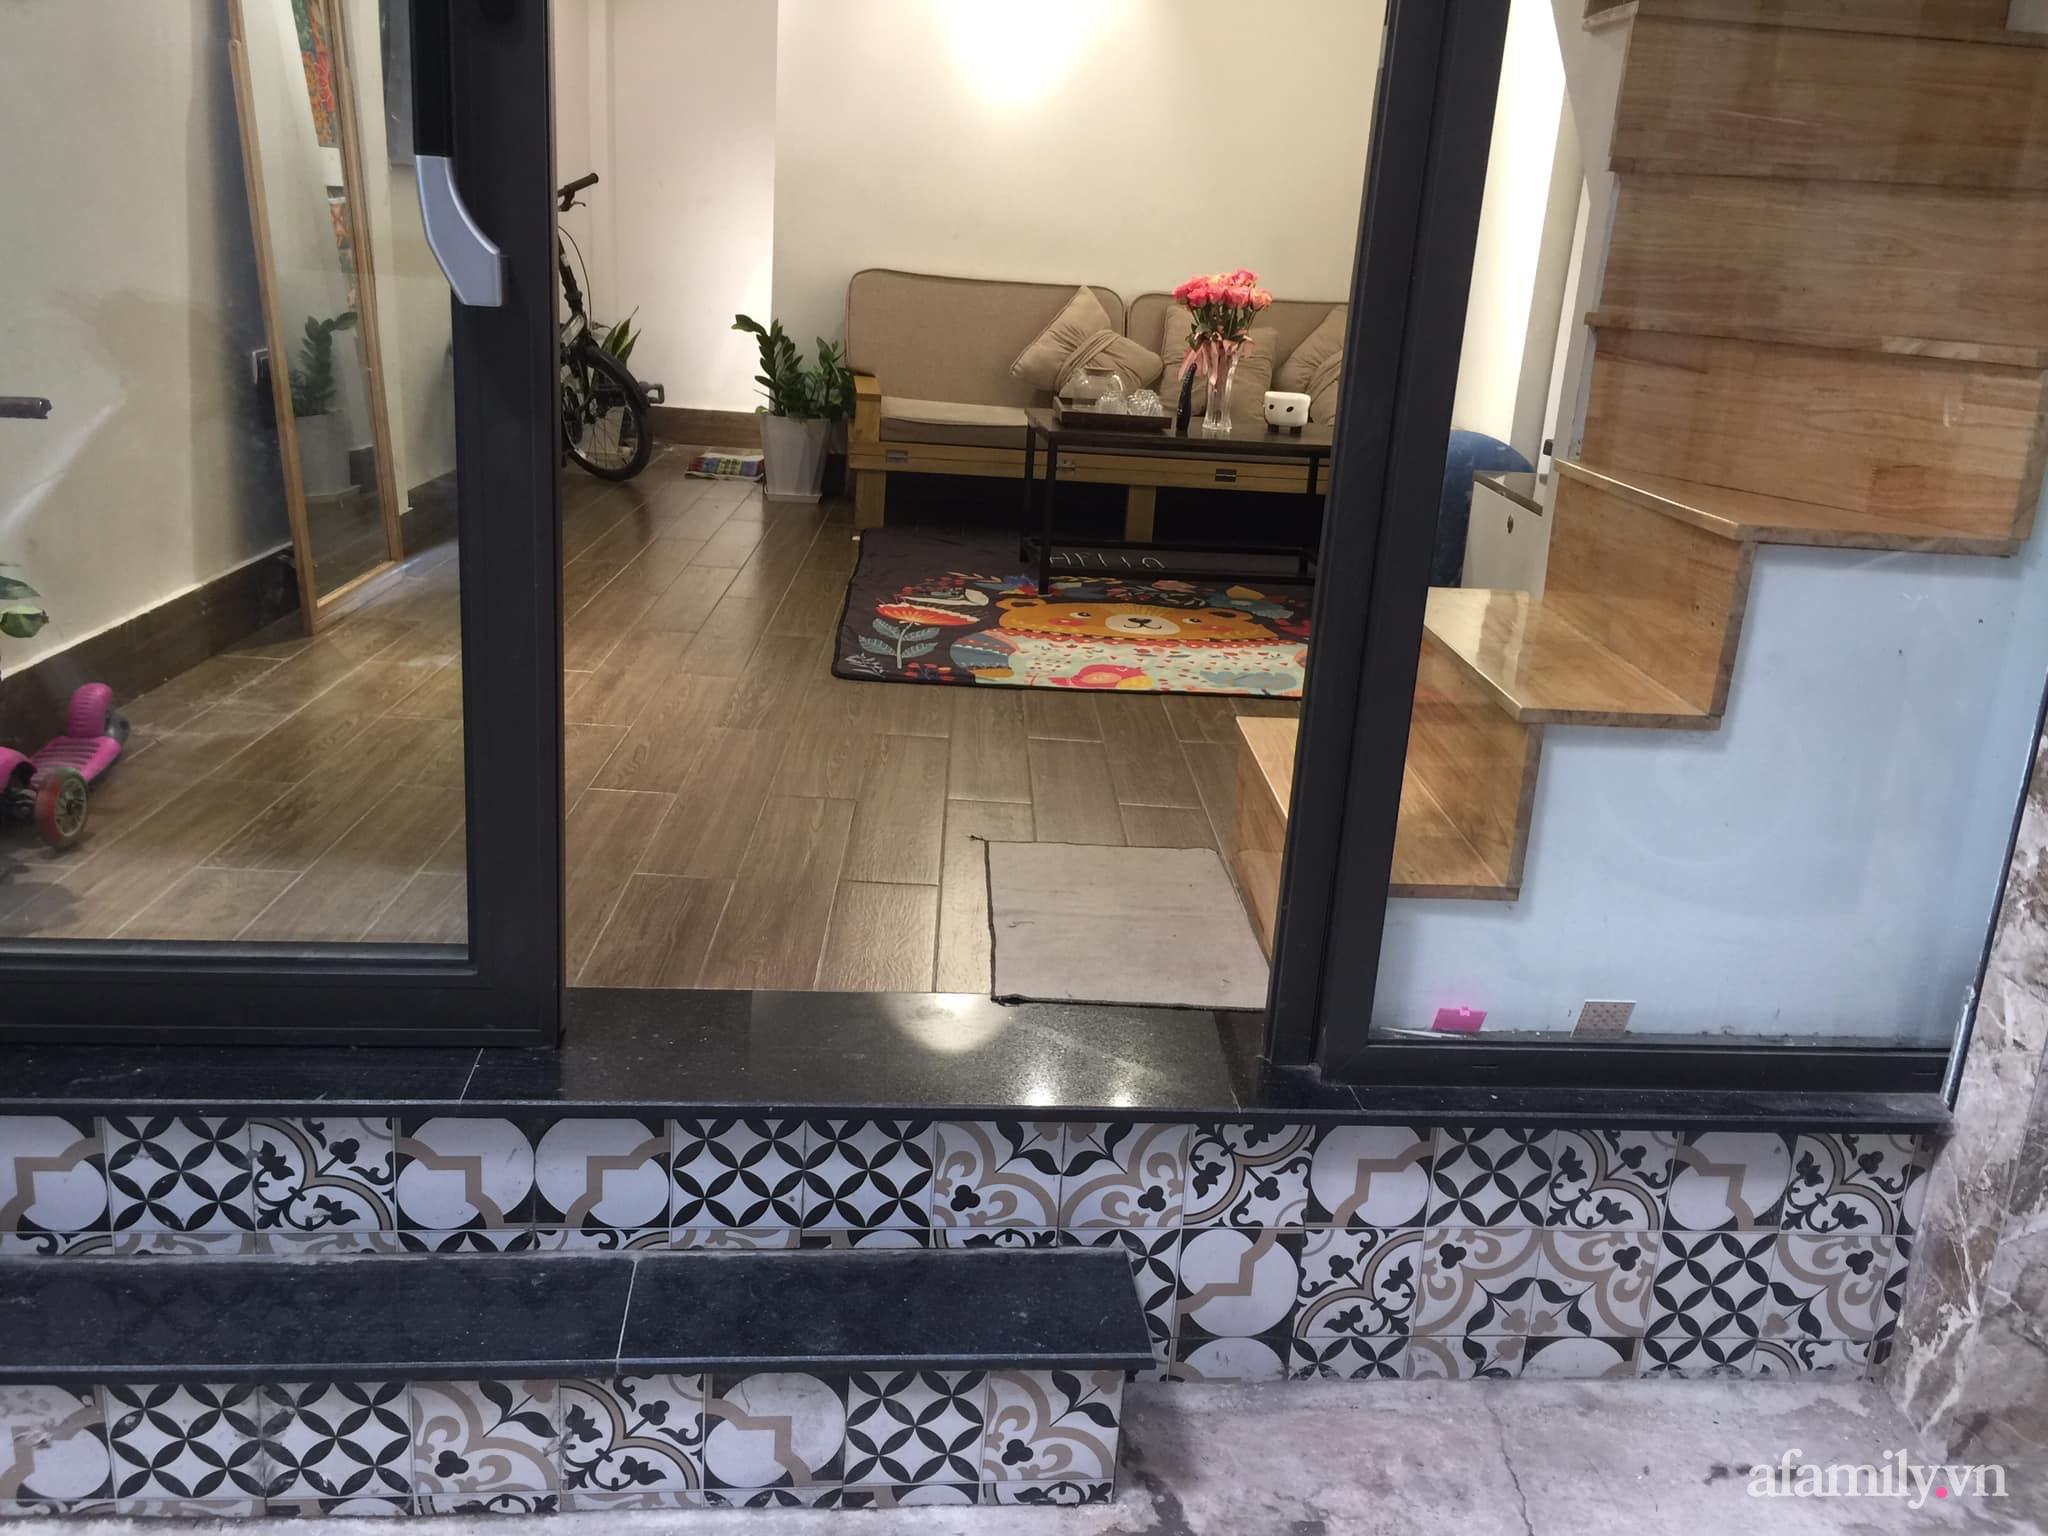 Chán cảnh thuê nhà, vợ chồng trẻ tích cóp tiền cải tạo nhà phố 20m² thành tổ ấm lý tưởng ở Hà Nội - Ảnh 1.